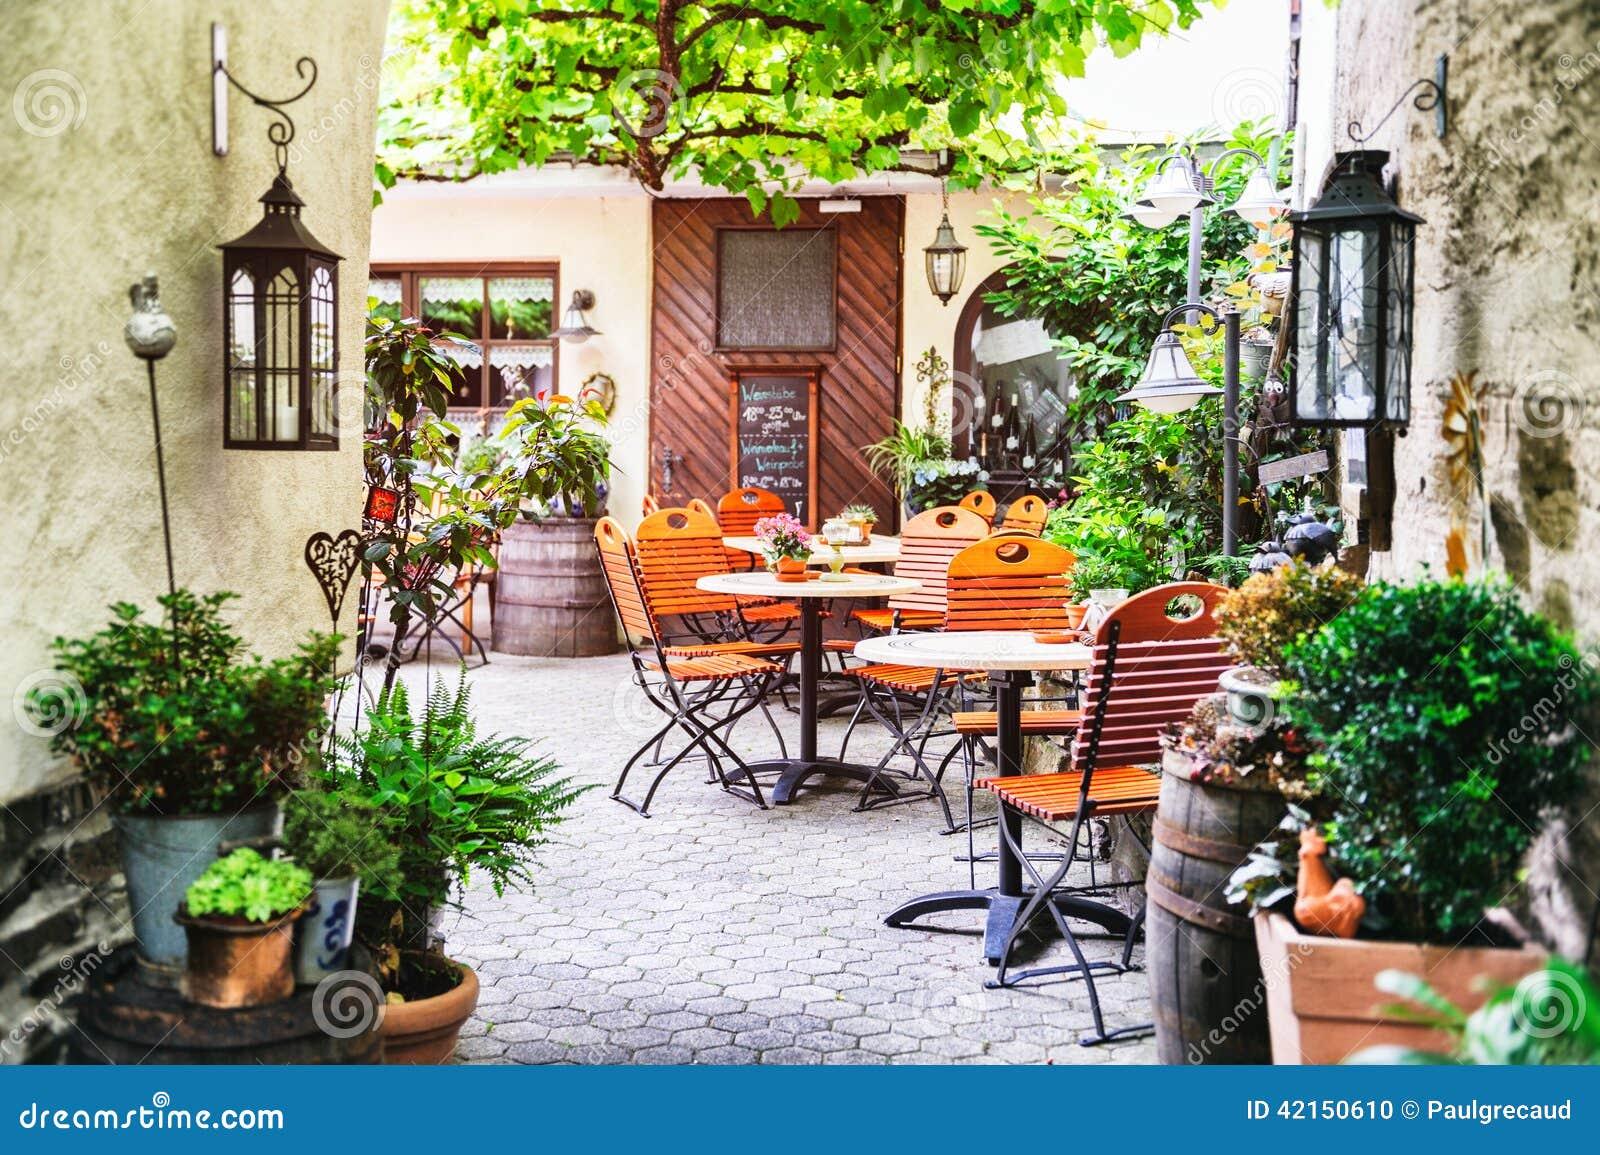 terrasse de caf d 39 t photo stock image 42150610. Black Bedroom Furniture Sets. Home Design Ideas